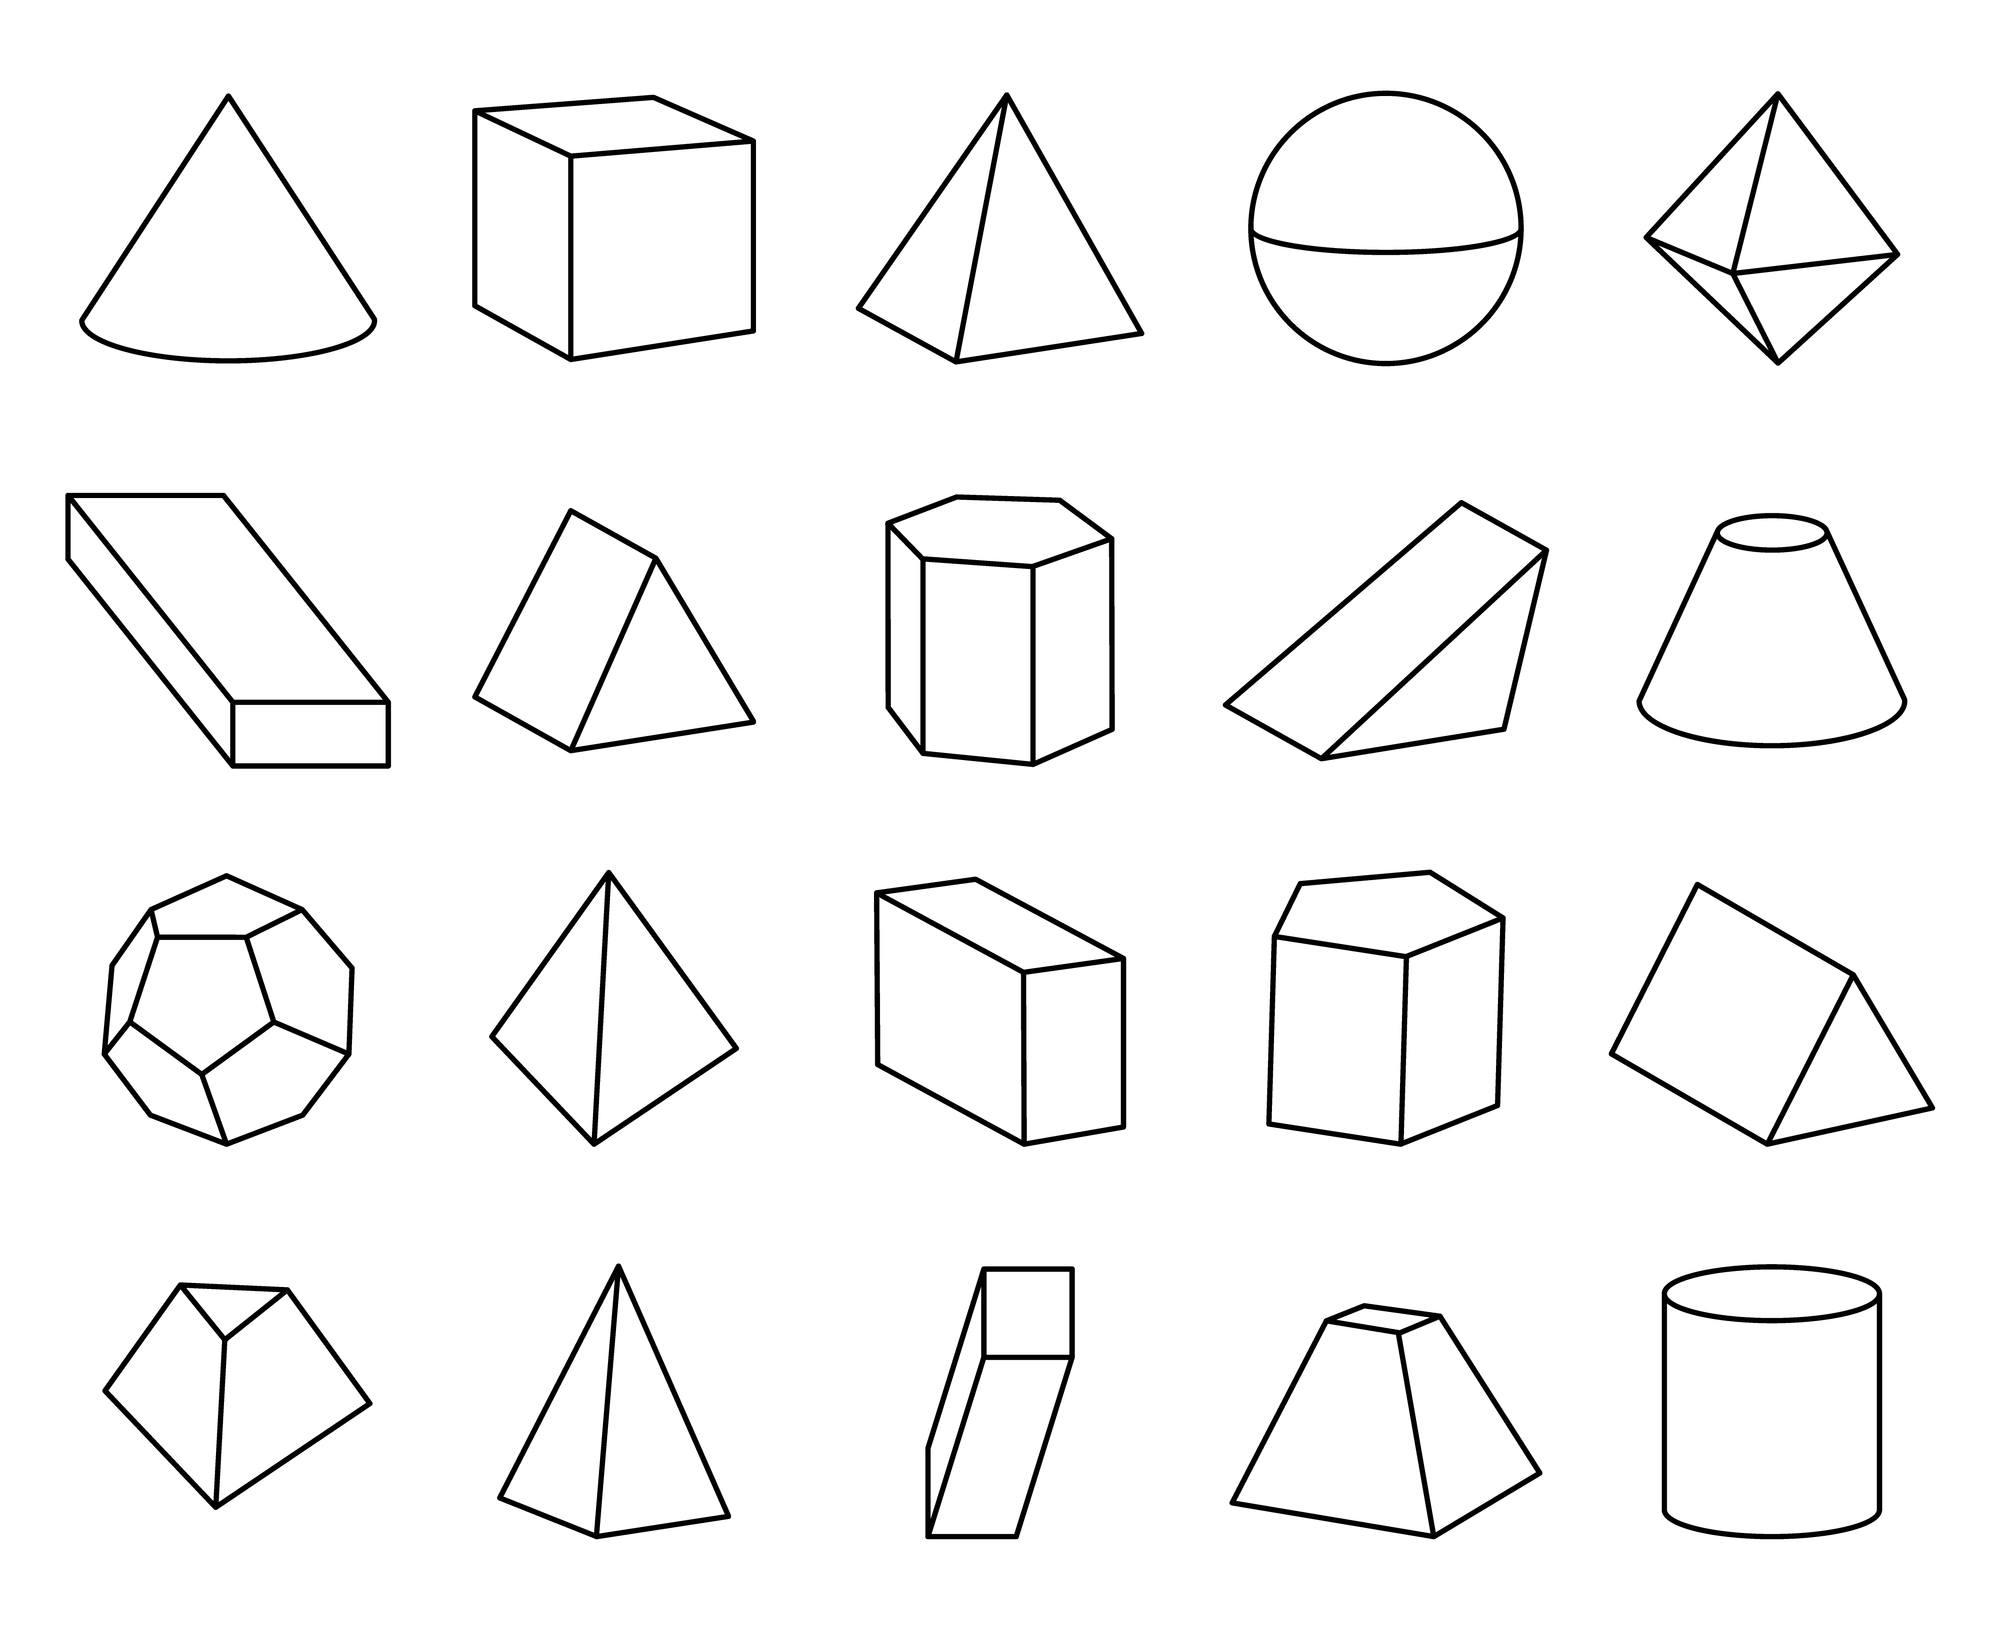 """צורות גיאומטריות שונות שיוצרות האבנים בהתגבשותן הפנימית. צורות גיאומטריות שונות שיוצר המבנה הקובי (שלושה צירים שווים זה לזה באורך ומאונכים זה לזה ב-90 מעלות). צורות גיאומטריות שונות שיוצר המבנה הקובי (שלושה צירים שווים זה לזה באורך ומאונכים זה לזה ב-90 מעלות). התמונה ממאגר """"דפוזיט"""" From """"Deposit"""" Photos"""